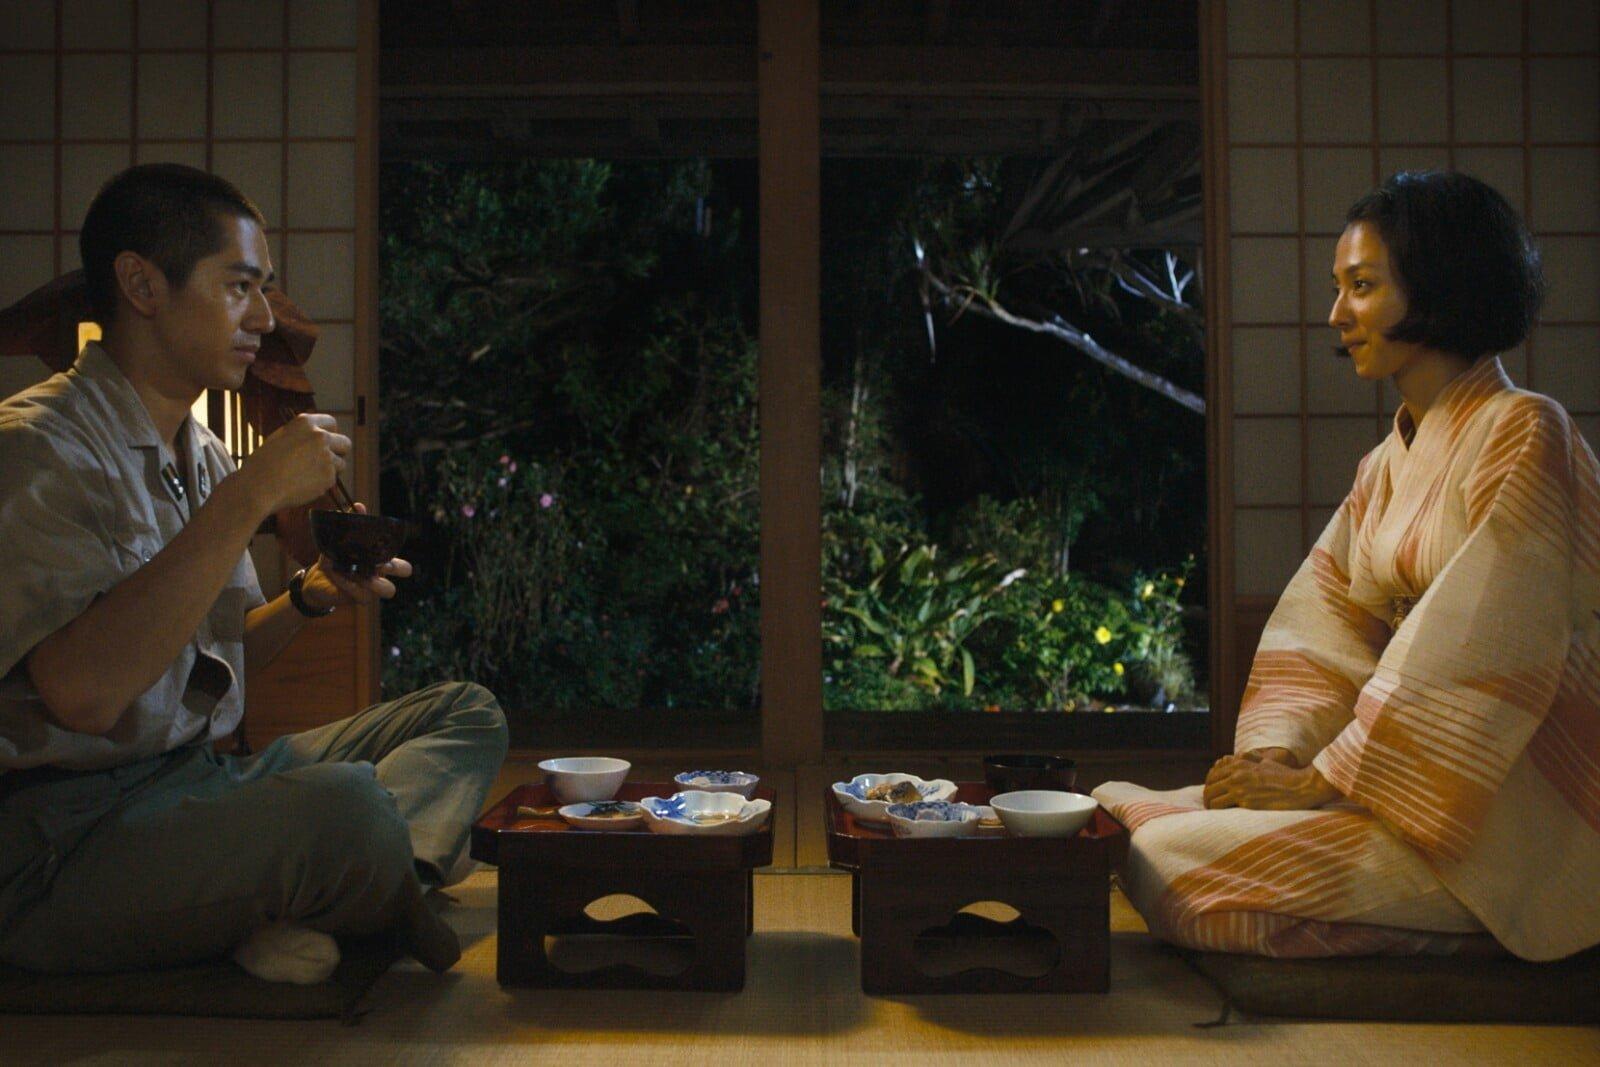 満島ひかり、4年ぶりの単独主演作『海辺の生と死』場面写真11点一挙解禁!